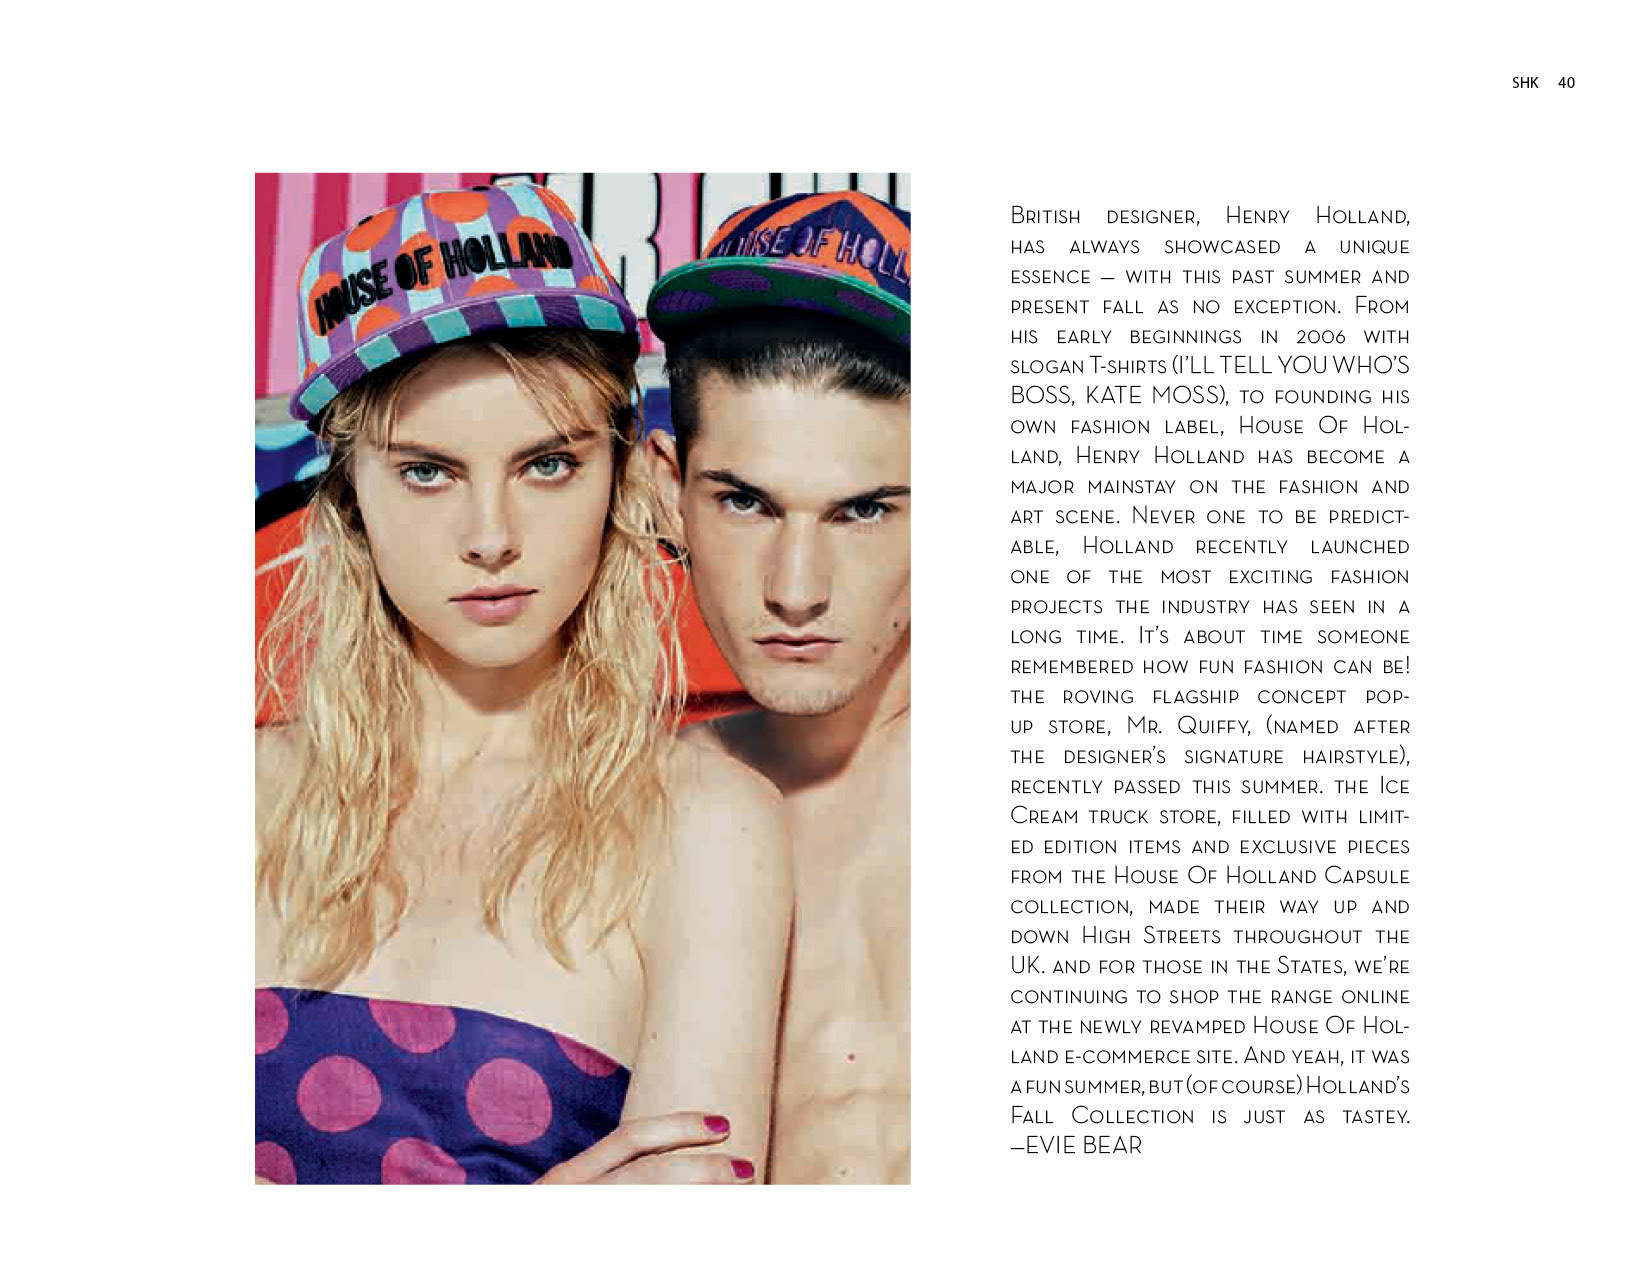 SHK-Summer-Issue-Summer-Needs-No-Explaination-201340.jpg